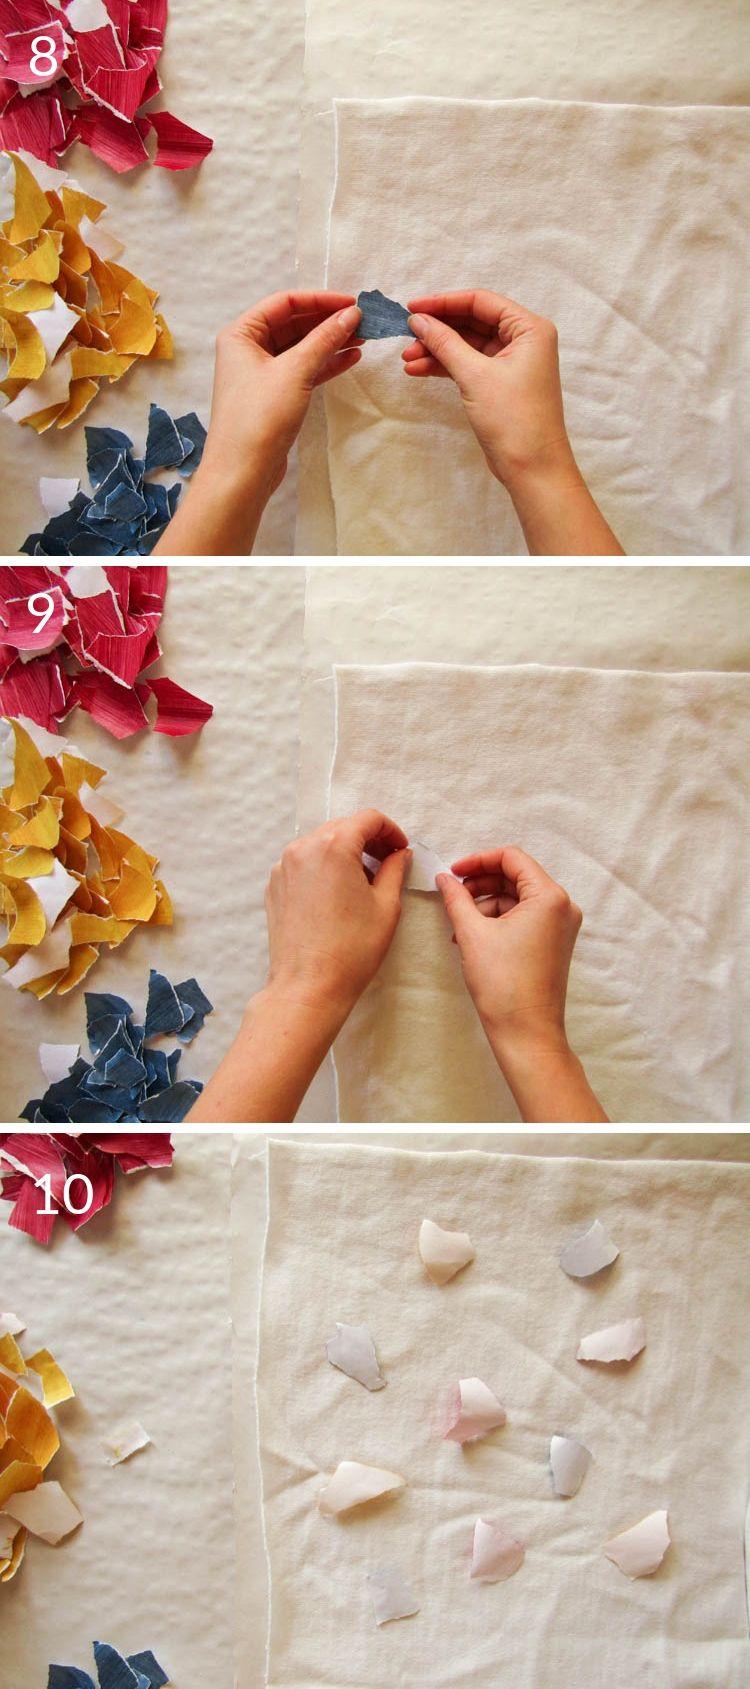 Pasos 8,9 y 10 estampar con sublimación